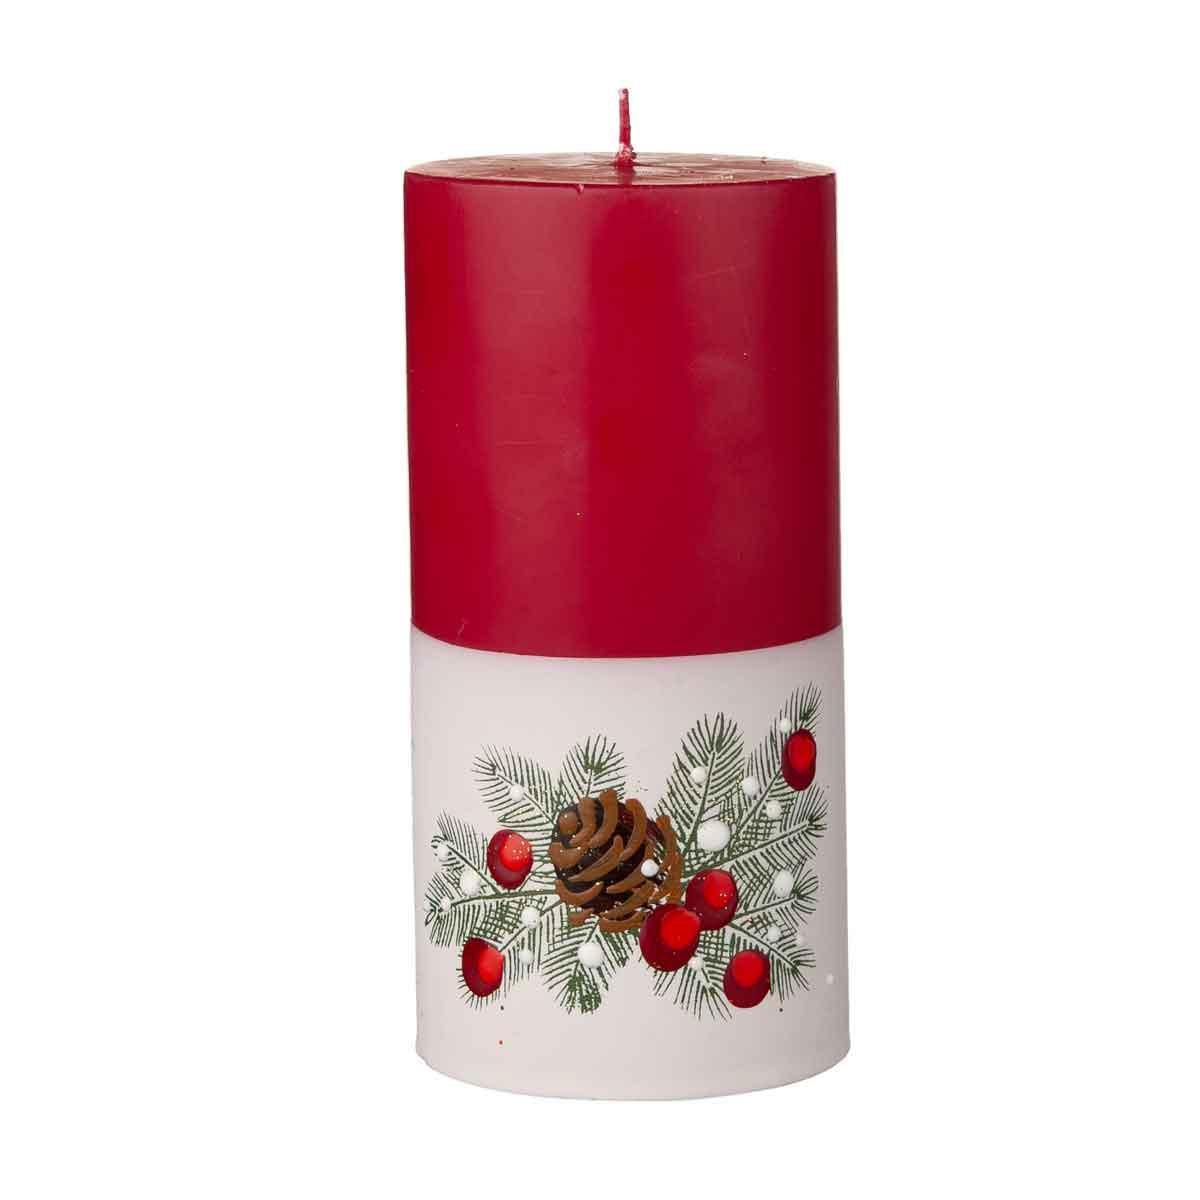 Candela cilindrica con rami di pino, bianca e rossa diametro 7cm